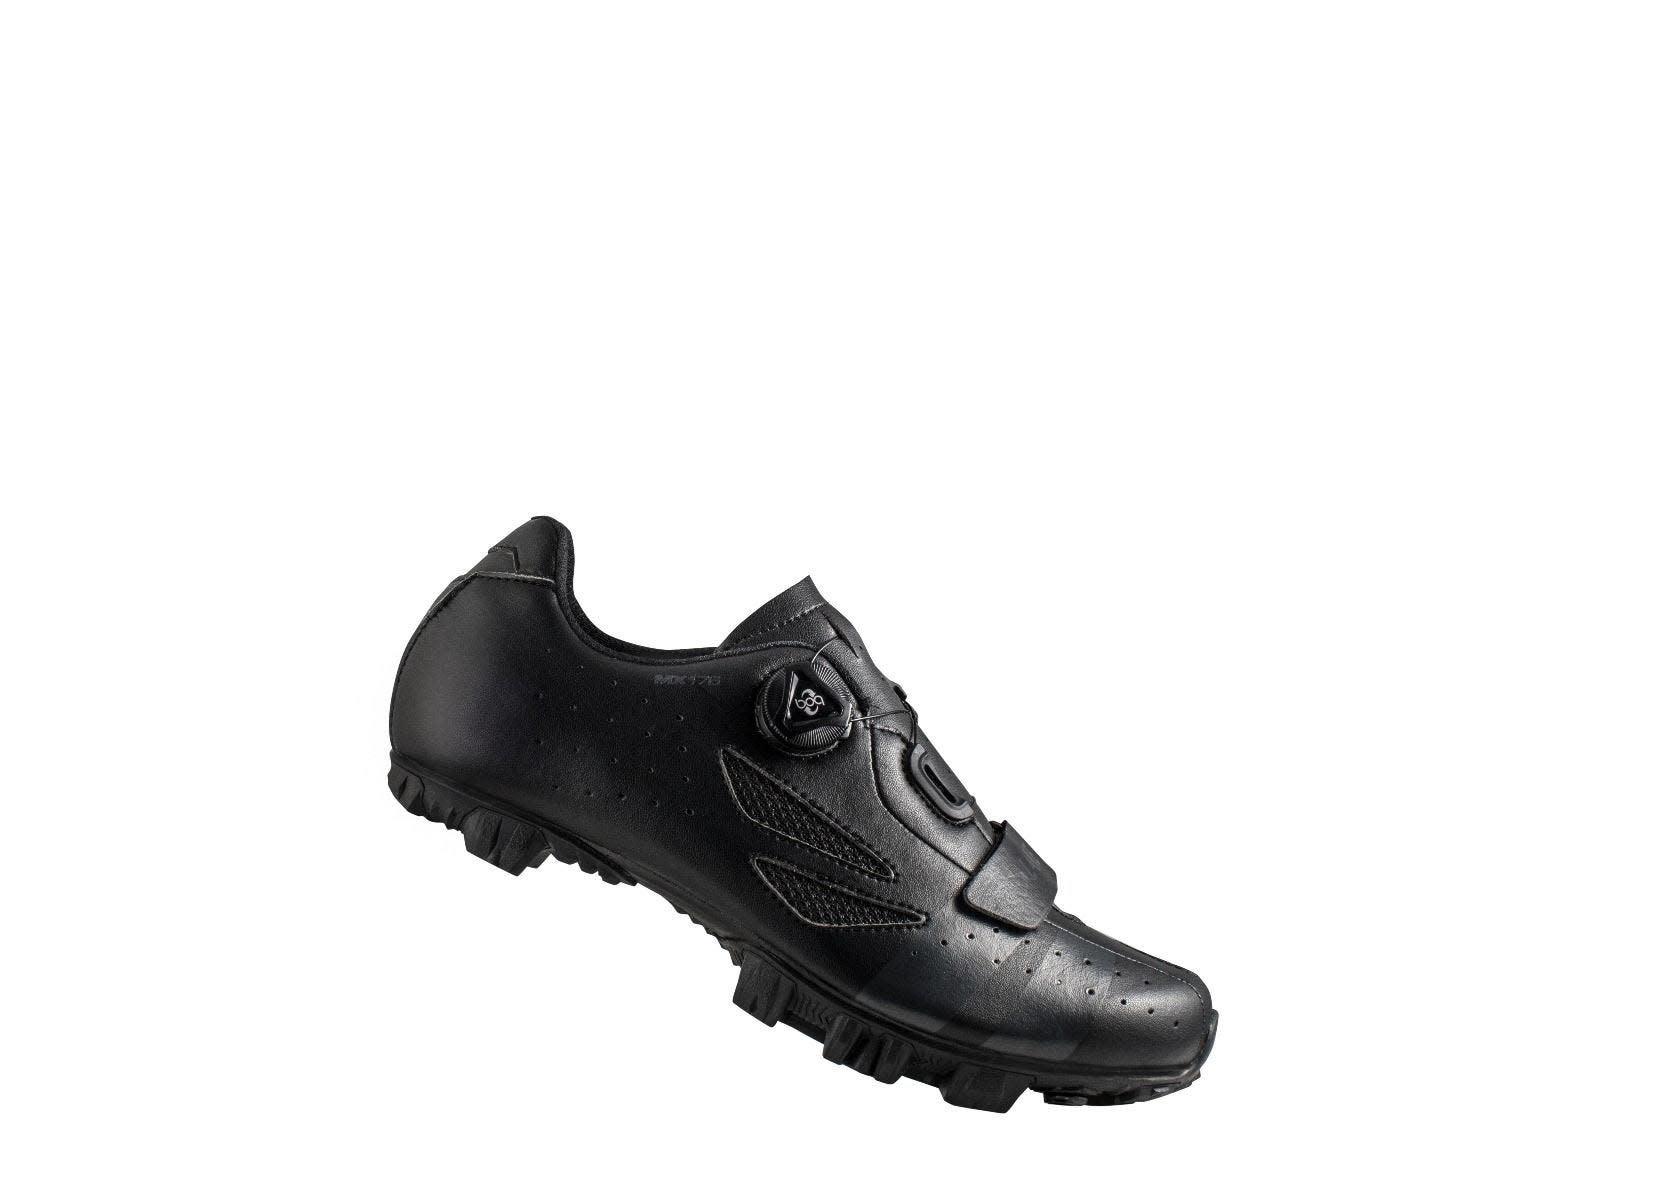 LAKE Lake MX176 MTB Shoe Black/Grey 43